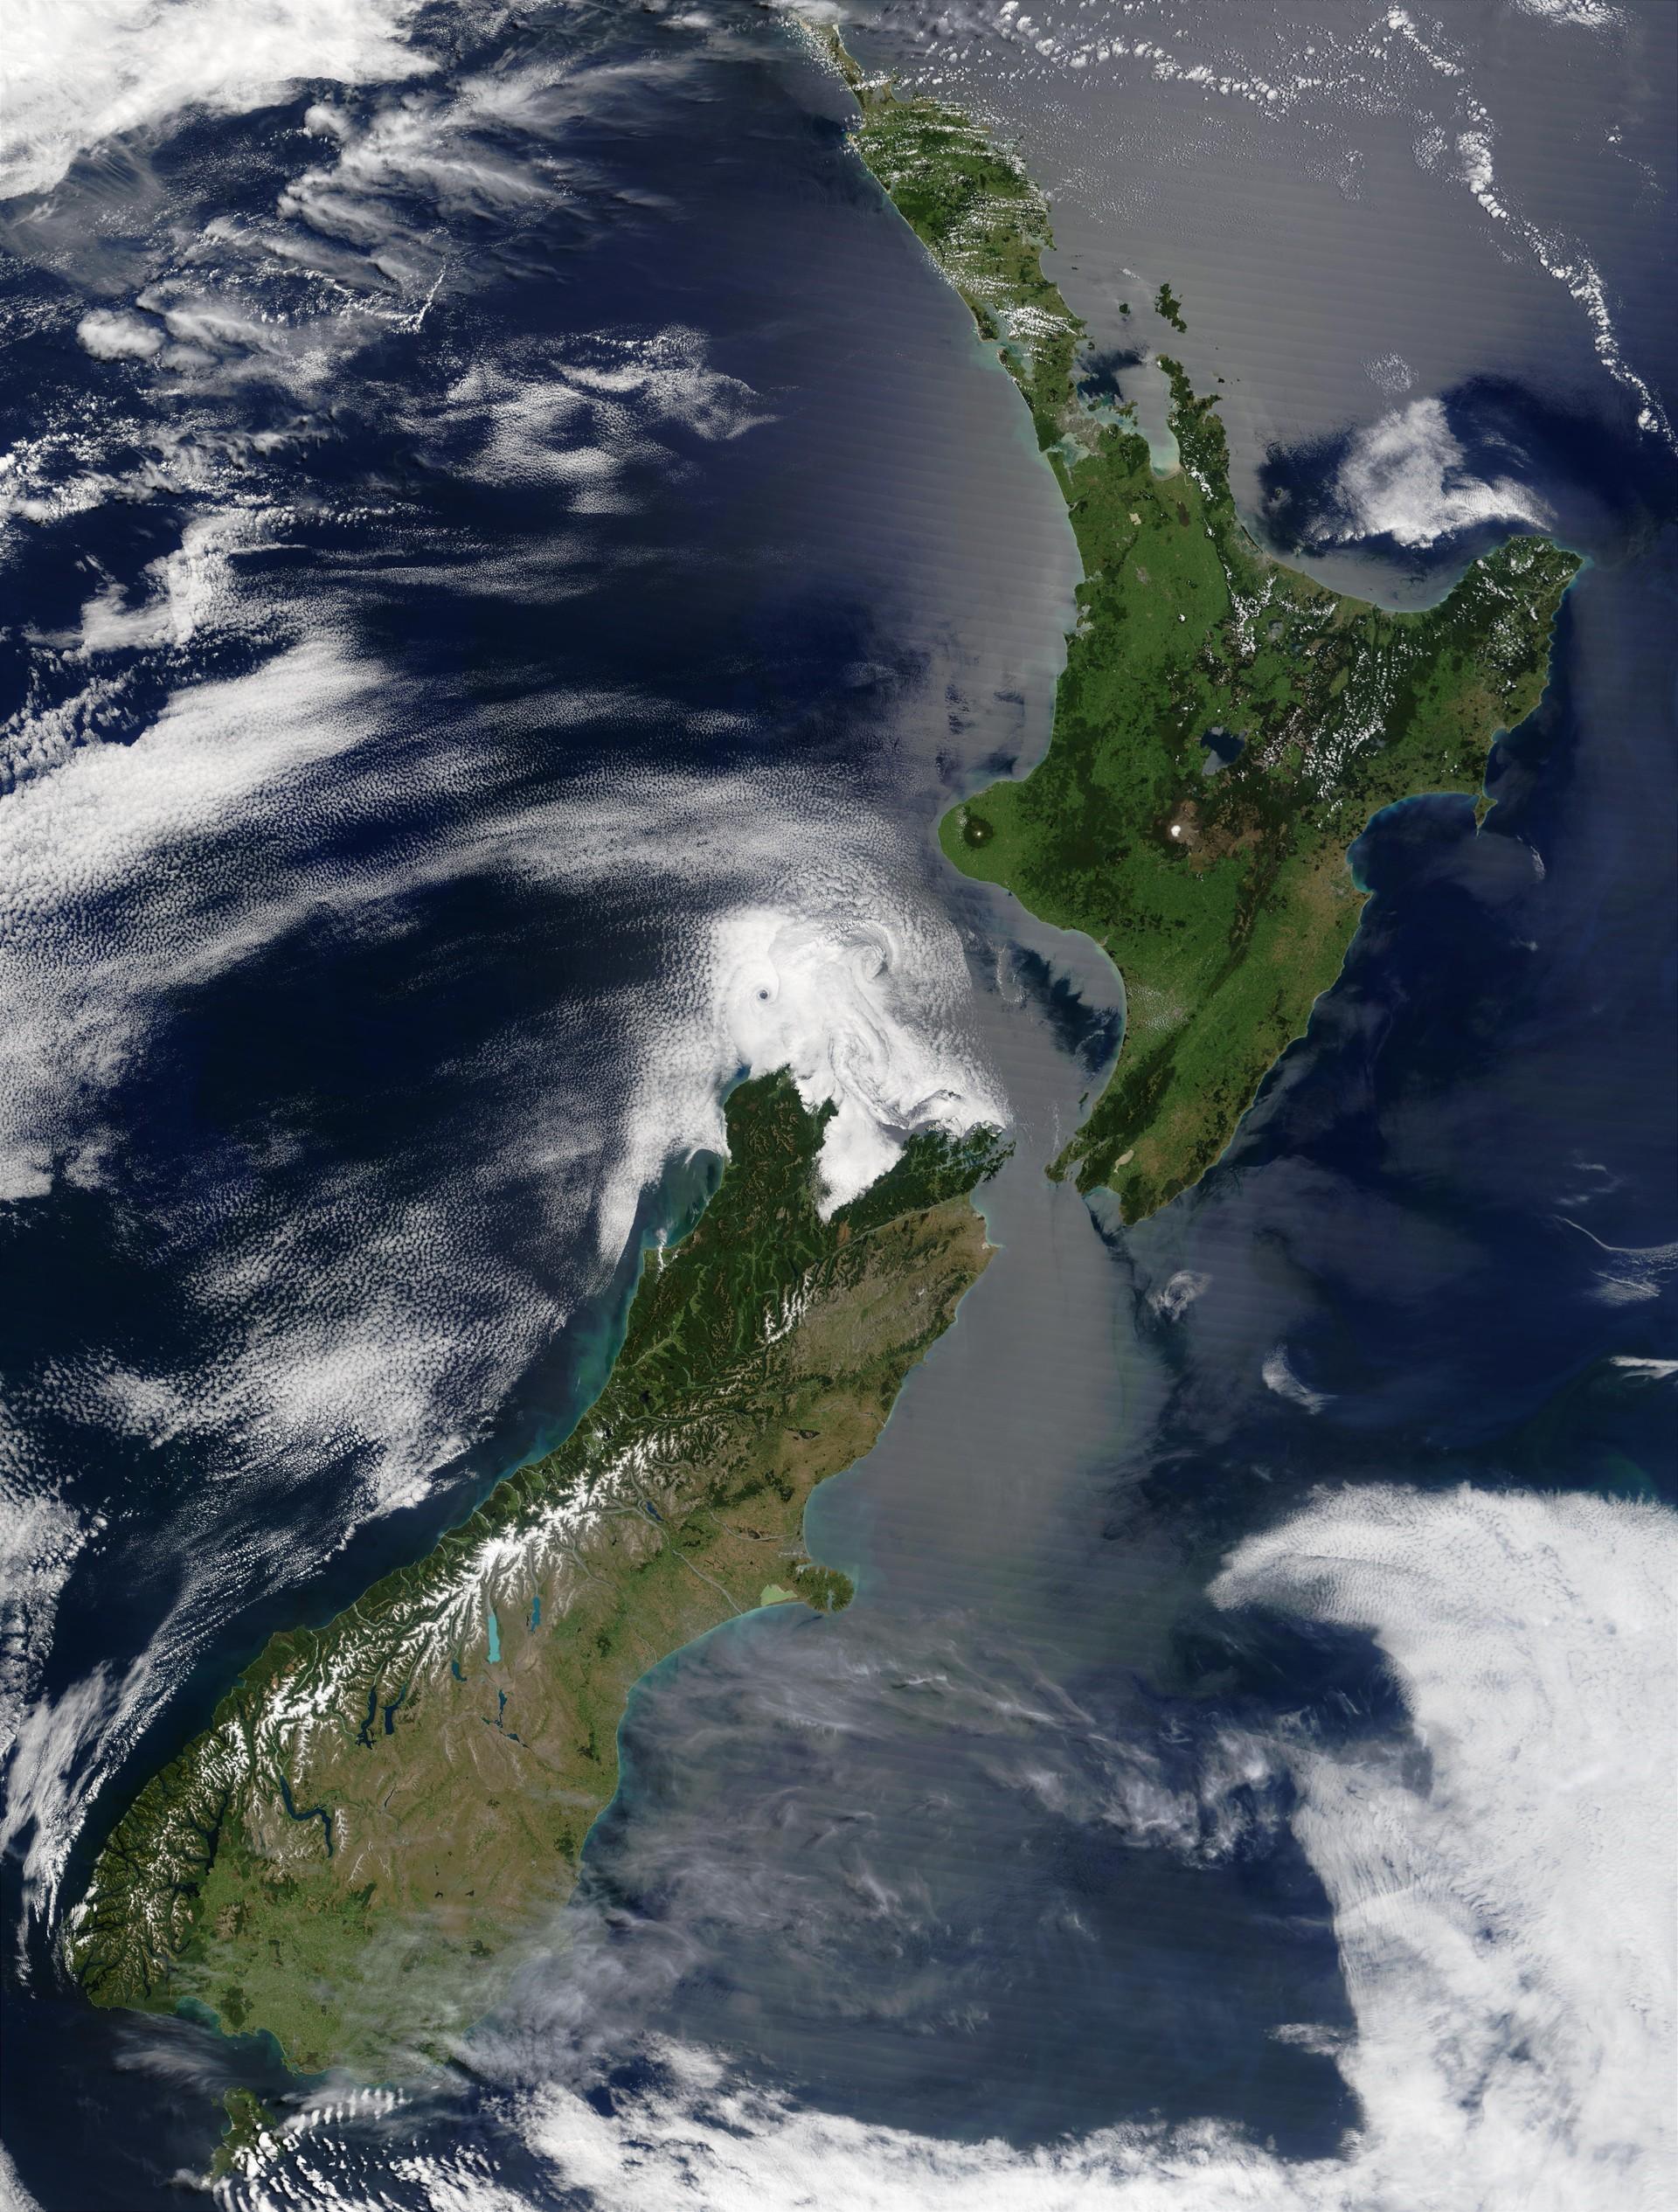 Imagem de satélite da Nova Zelândia (Foto: Wikimedia Commons)